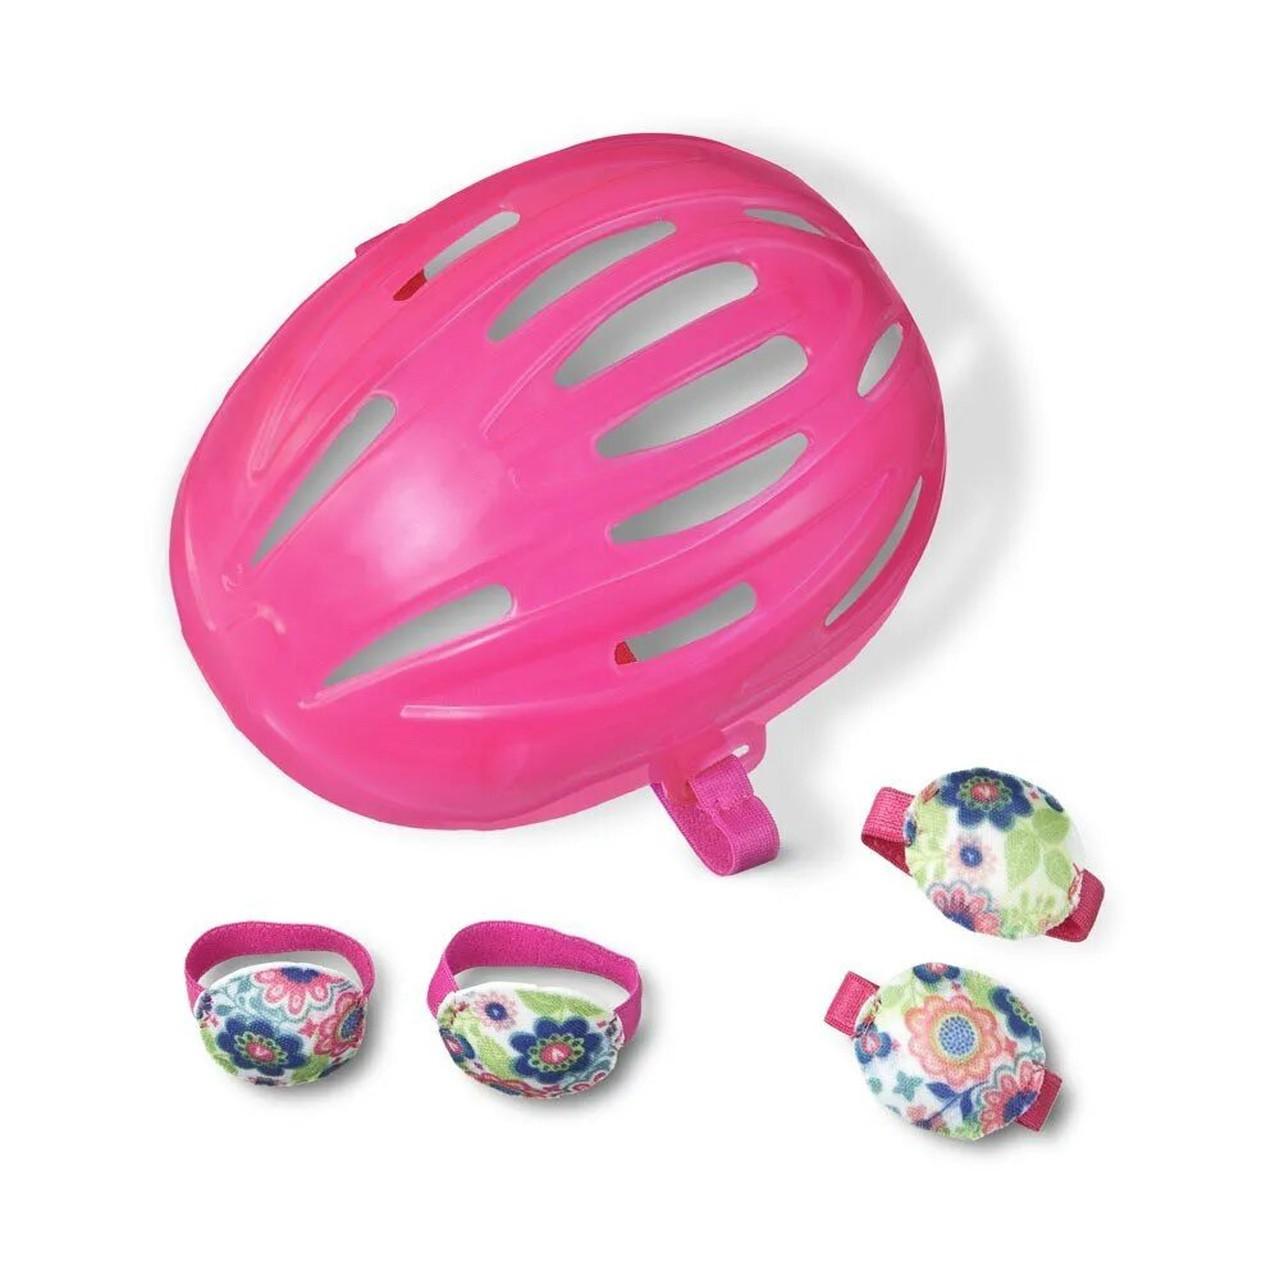 Kit De Proteção Para Boneca Baby Alive - Hasbro 10003